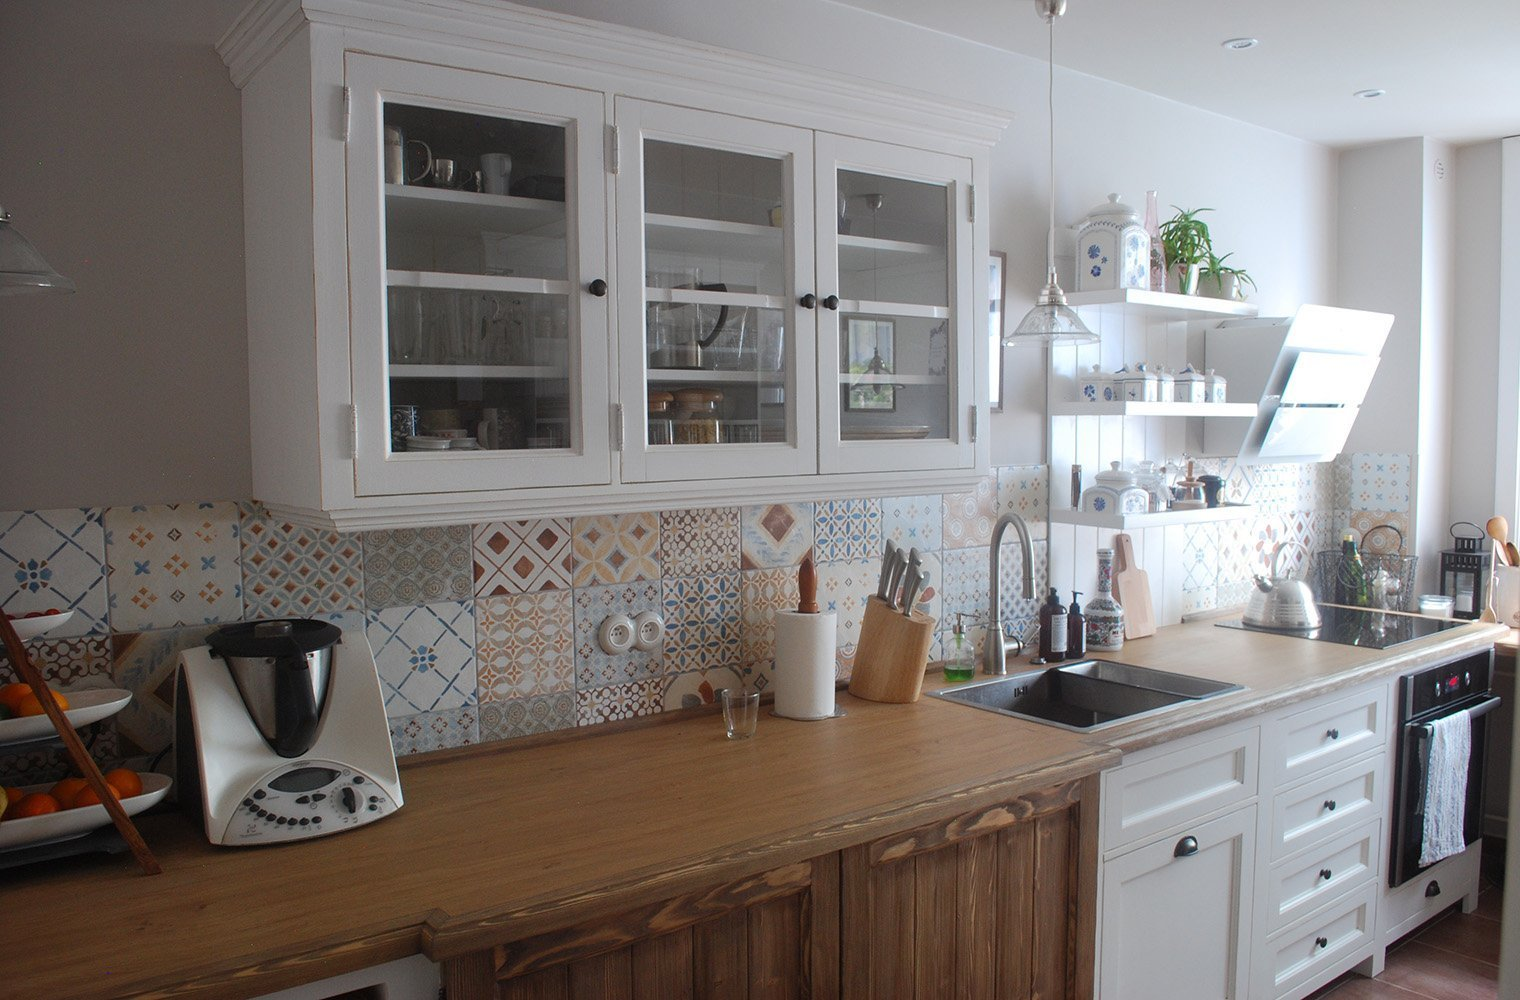 Oslovila mě kamarádka Lucka s tím, že by si moc přála předělat kuchyň ve svém panelovém bytě a to do stylu našich kuchyní. Snažila jsem se jí nejdříve odradit,…